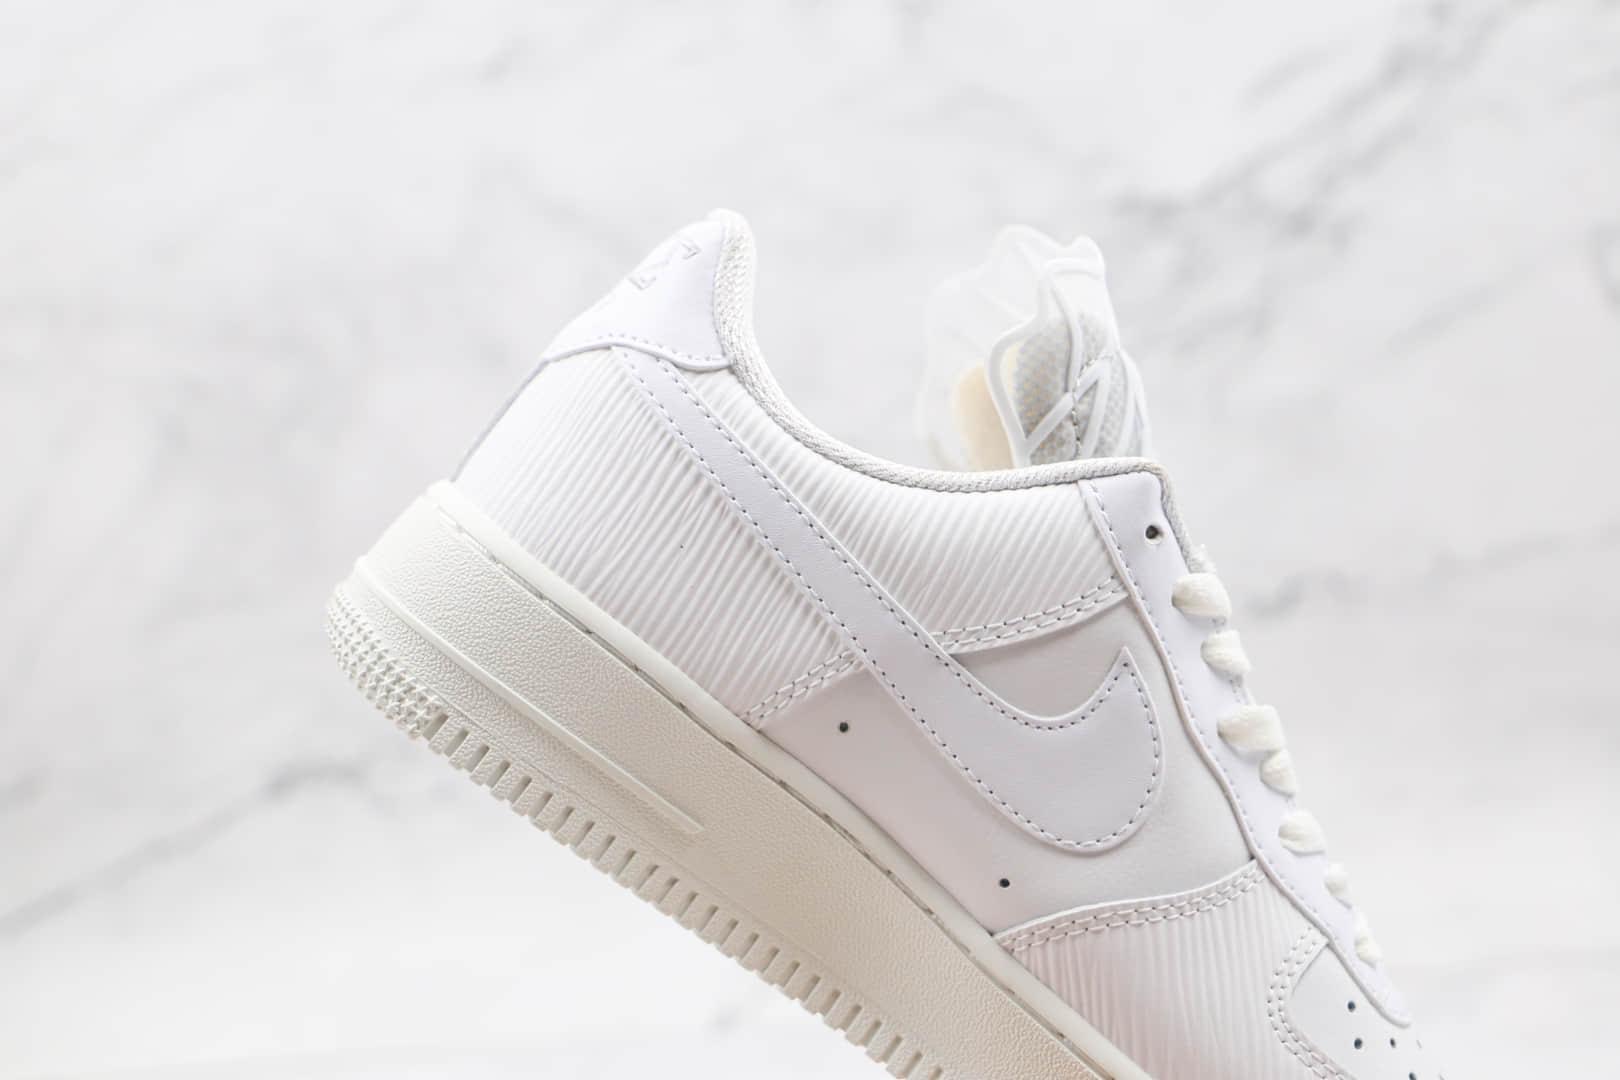 耐克Nike Air Force 1 Low Goddess of Victory纯原版本低帮空军一号白色网纱胜利女神板鞋内置气垫 货号:DM9461-100